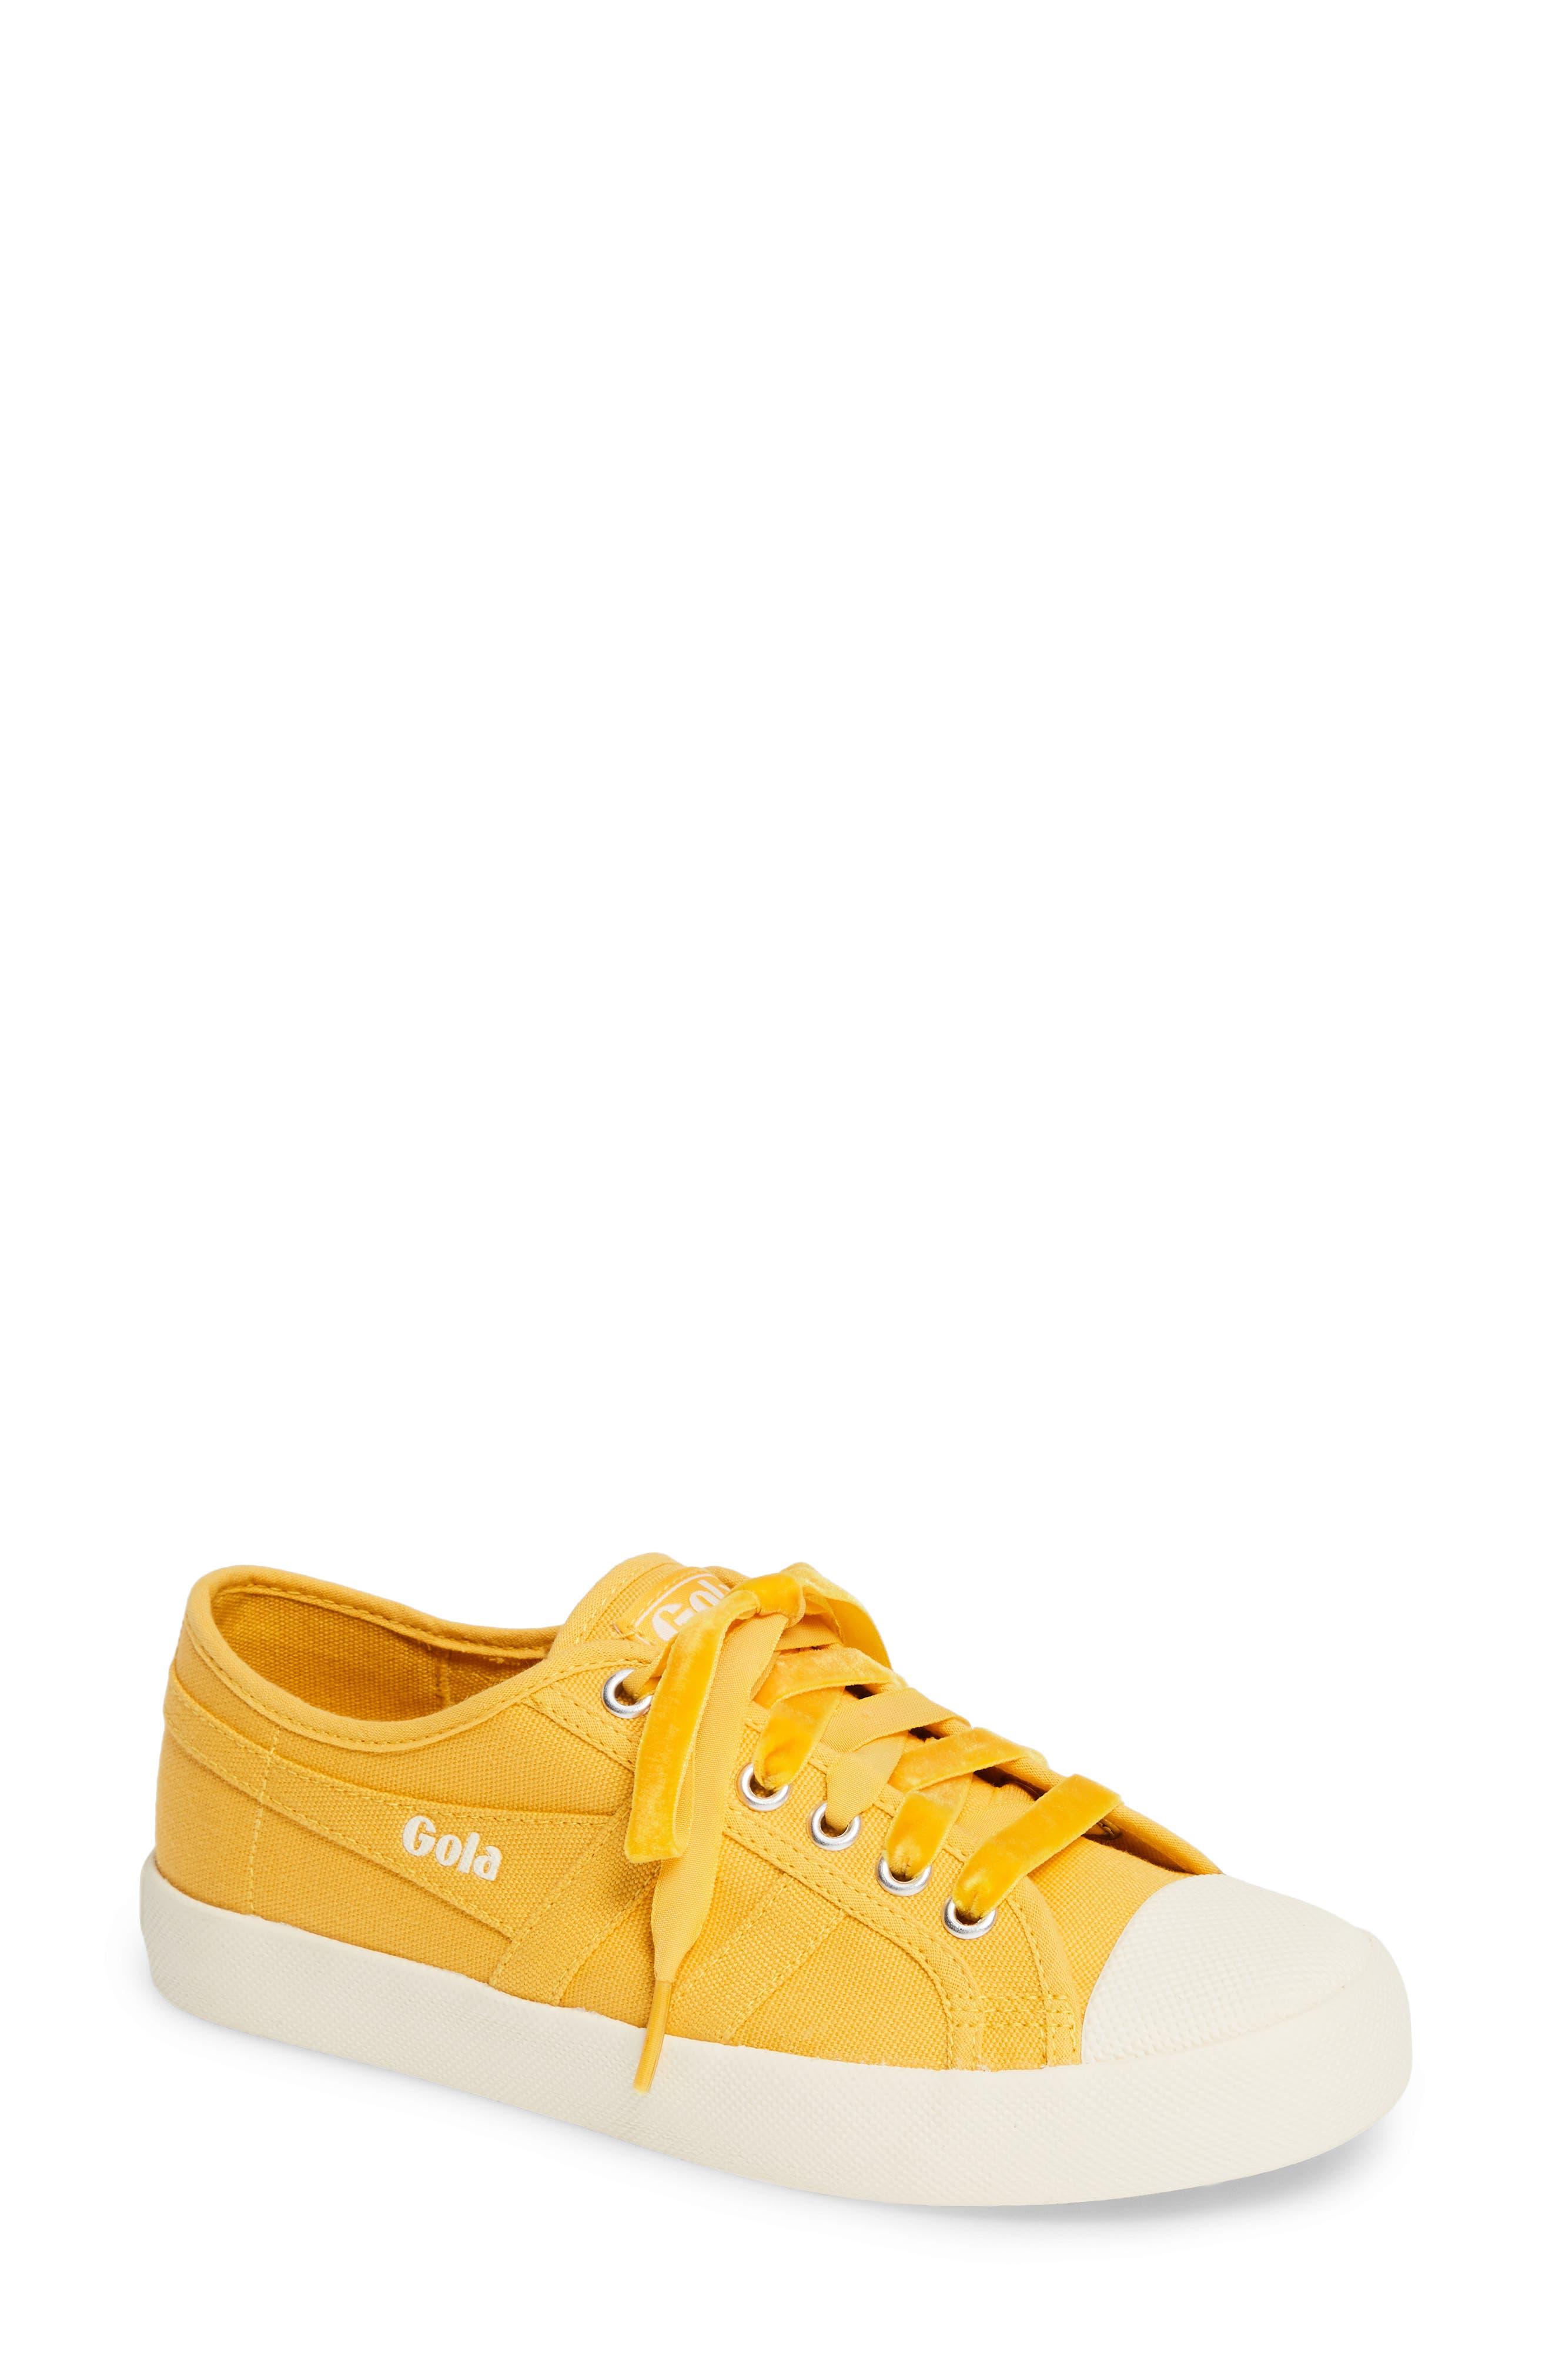 Coaster Sneaker,                         Main,                         color, SUN/ OFF WHITE